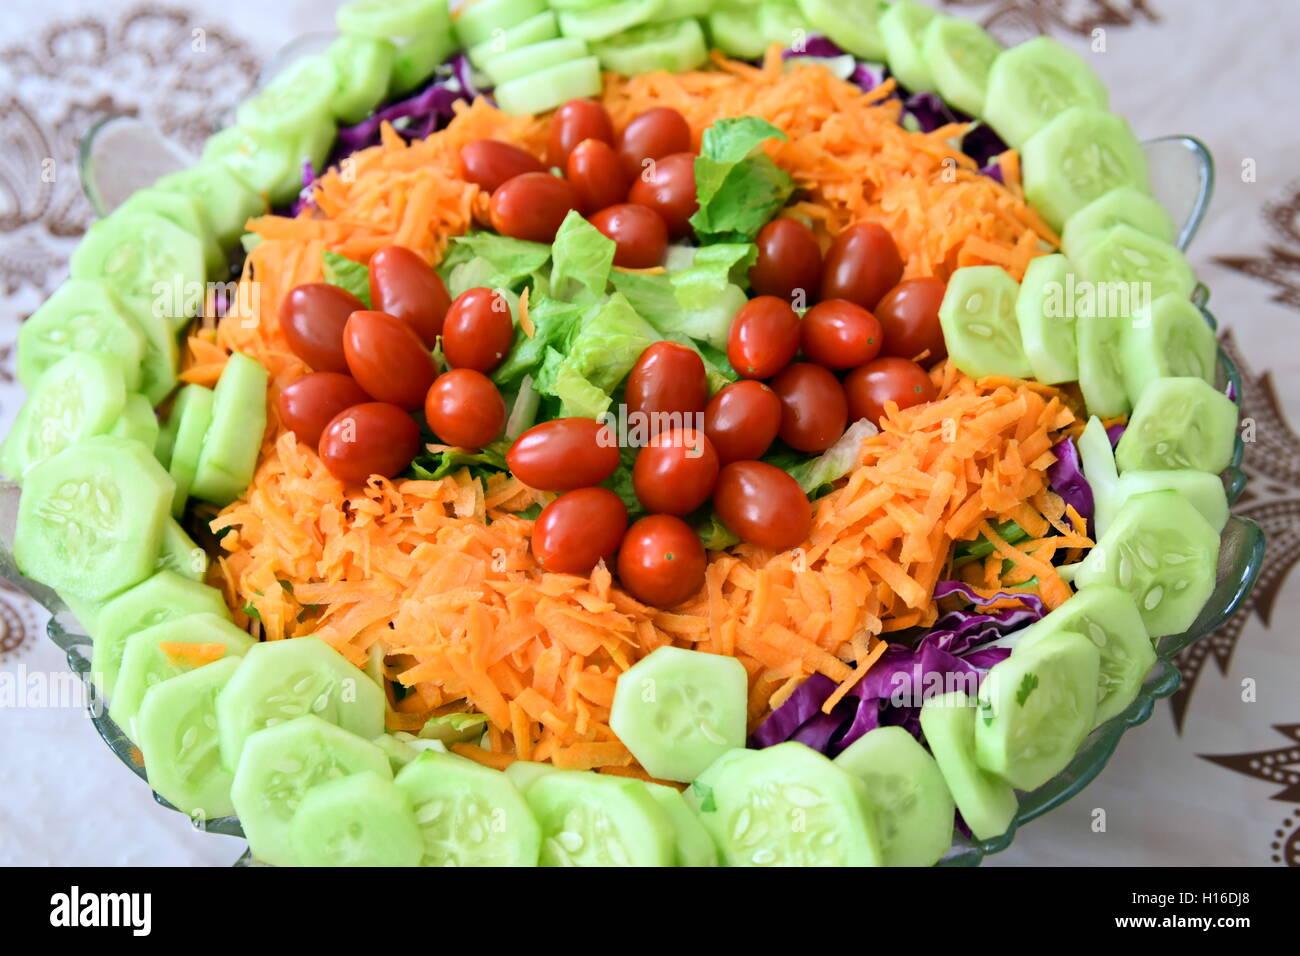 Persische Küche | Persische Kuche Mit Lasagne Und Salat Stockfoto Bild 121229648 Alamy